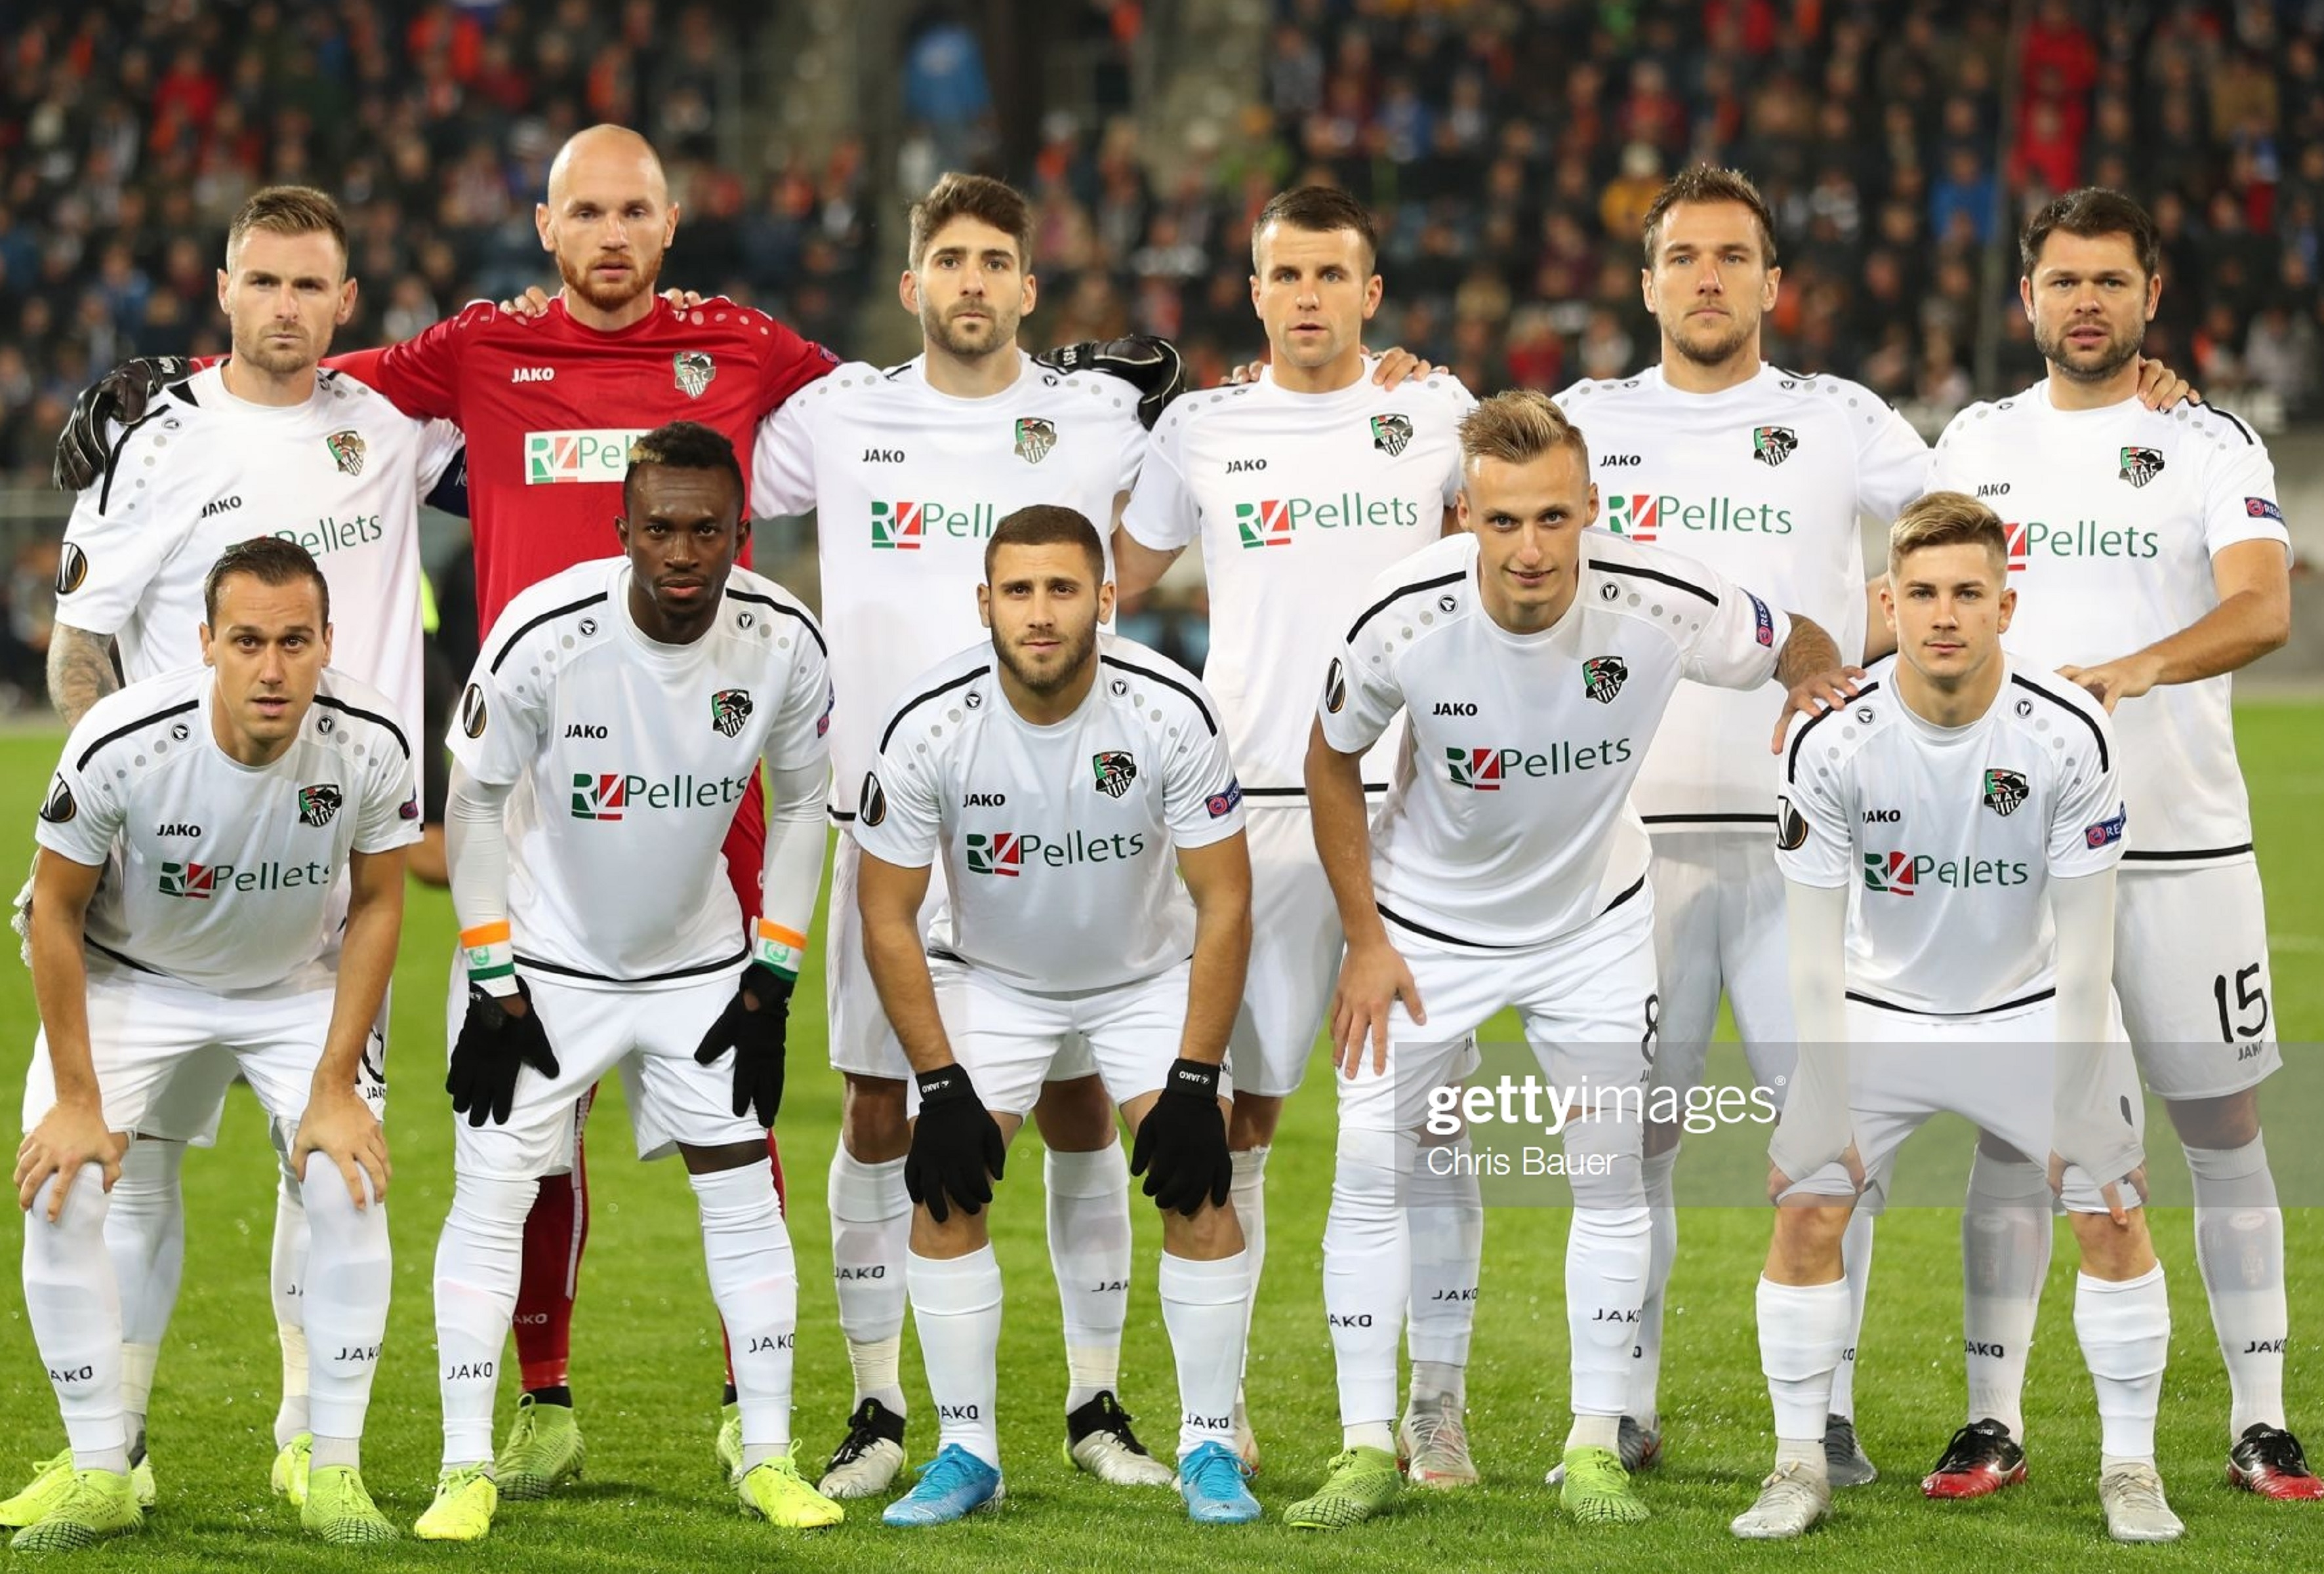 Вольфсберг (Австрия) - Истанбул Башакшехир (Турция) 0:3. Нажмите, чтобы посмотреть истинный размер рисунка